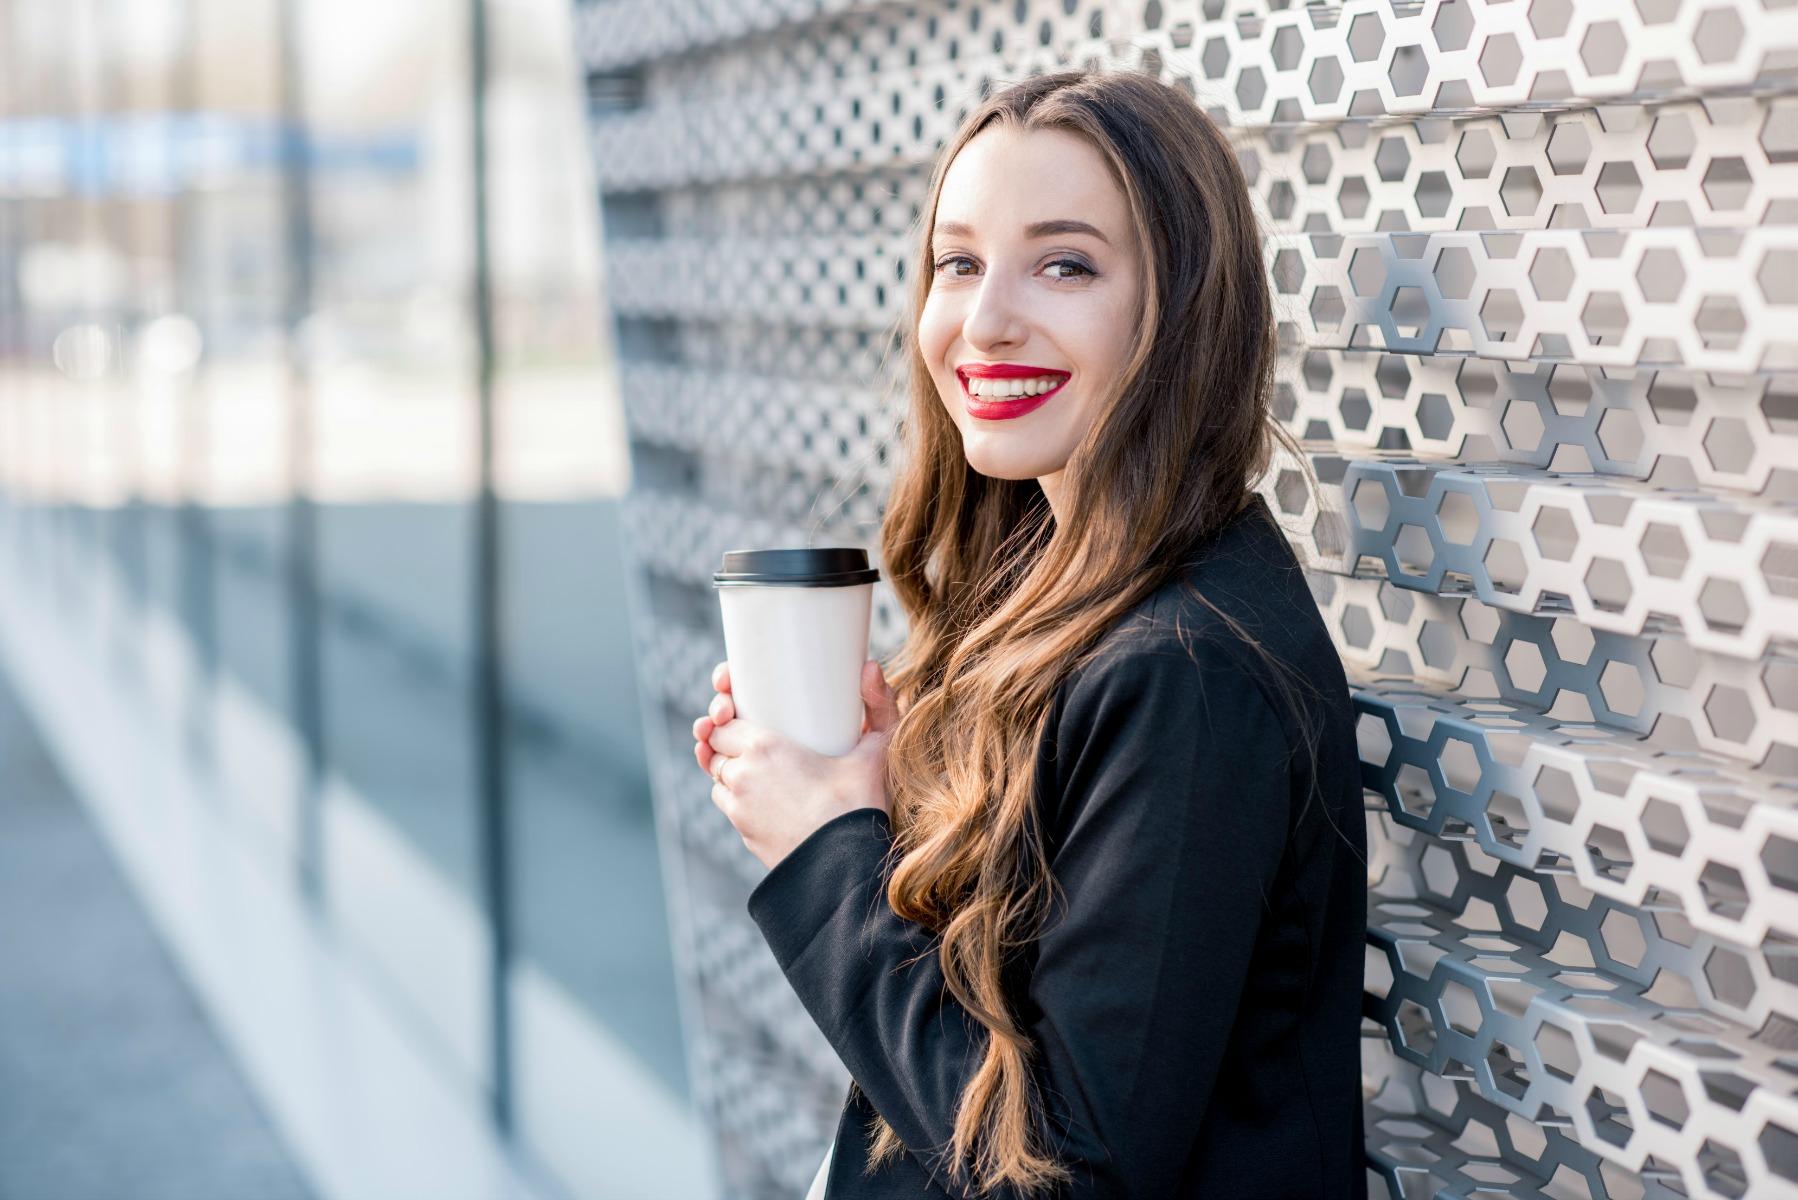 kaffe to go, henter kaffe, ung kvinde, kaffe, papkrus, udenfor, gaden, udendørs